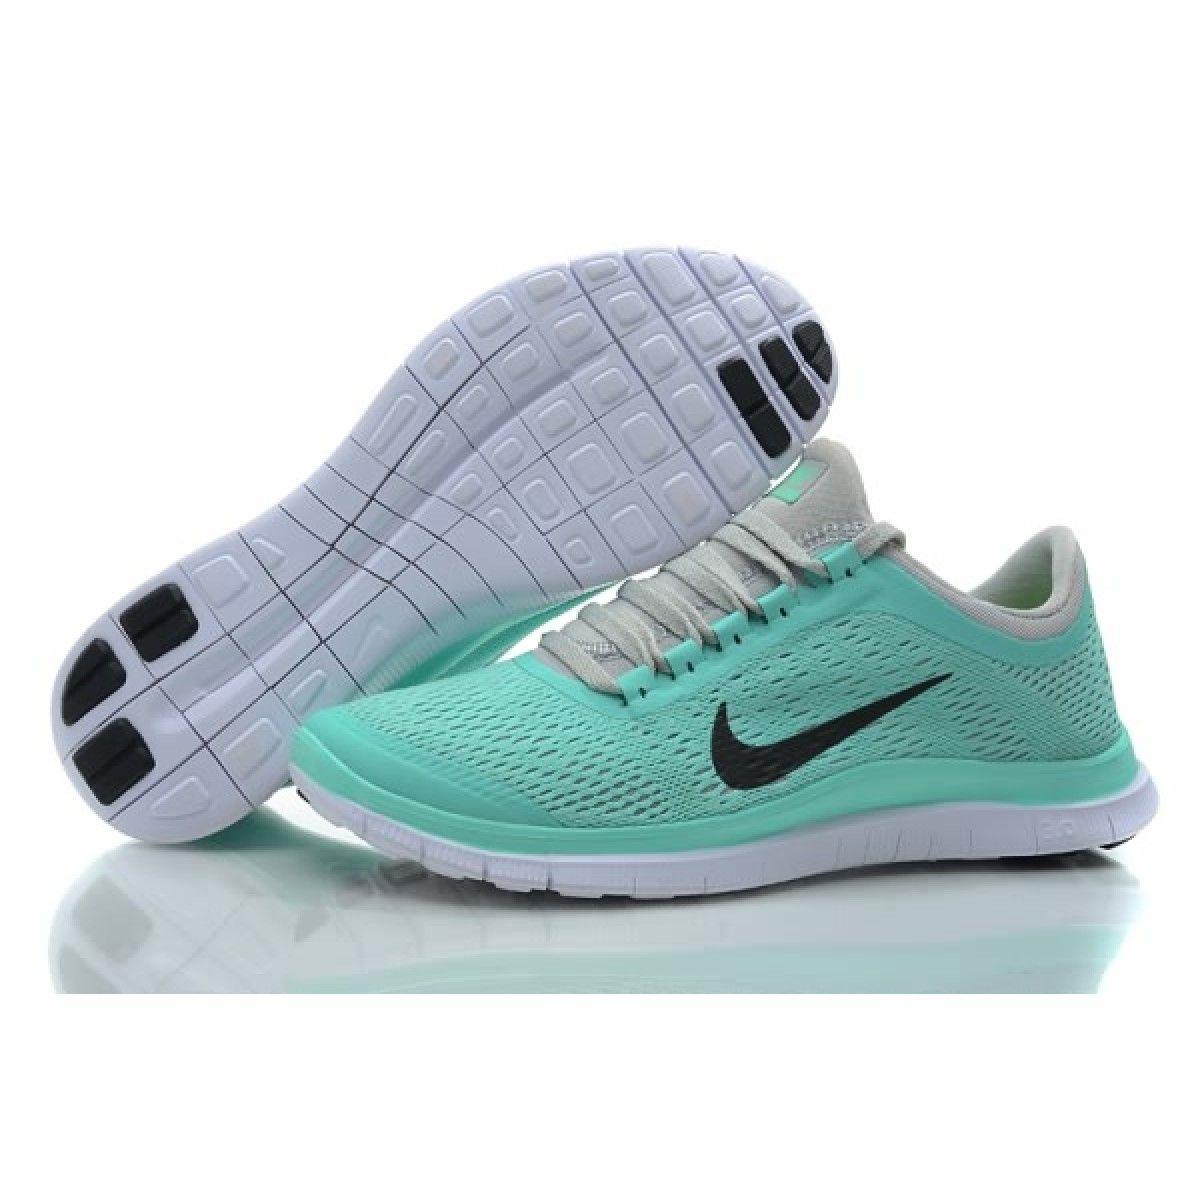 Nike Free 3.0 V5 Femmes Chaussures De Course Menthe Cristal À Vendre Footlocker en ligne officiel de vente achat de dédouanement bas prix sortie zSxSh70